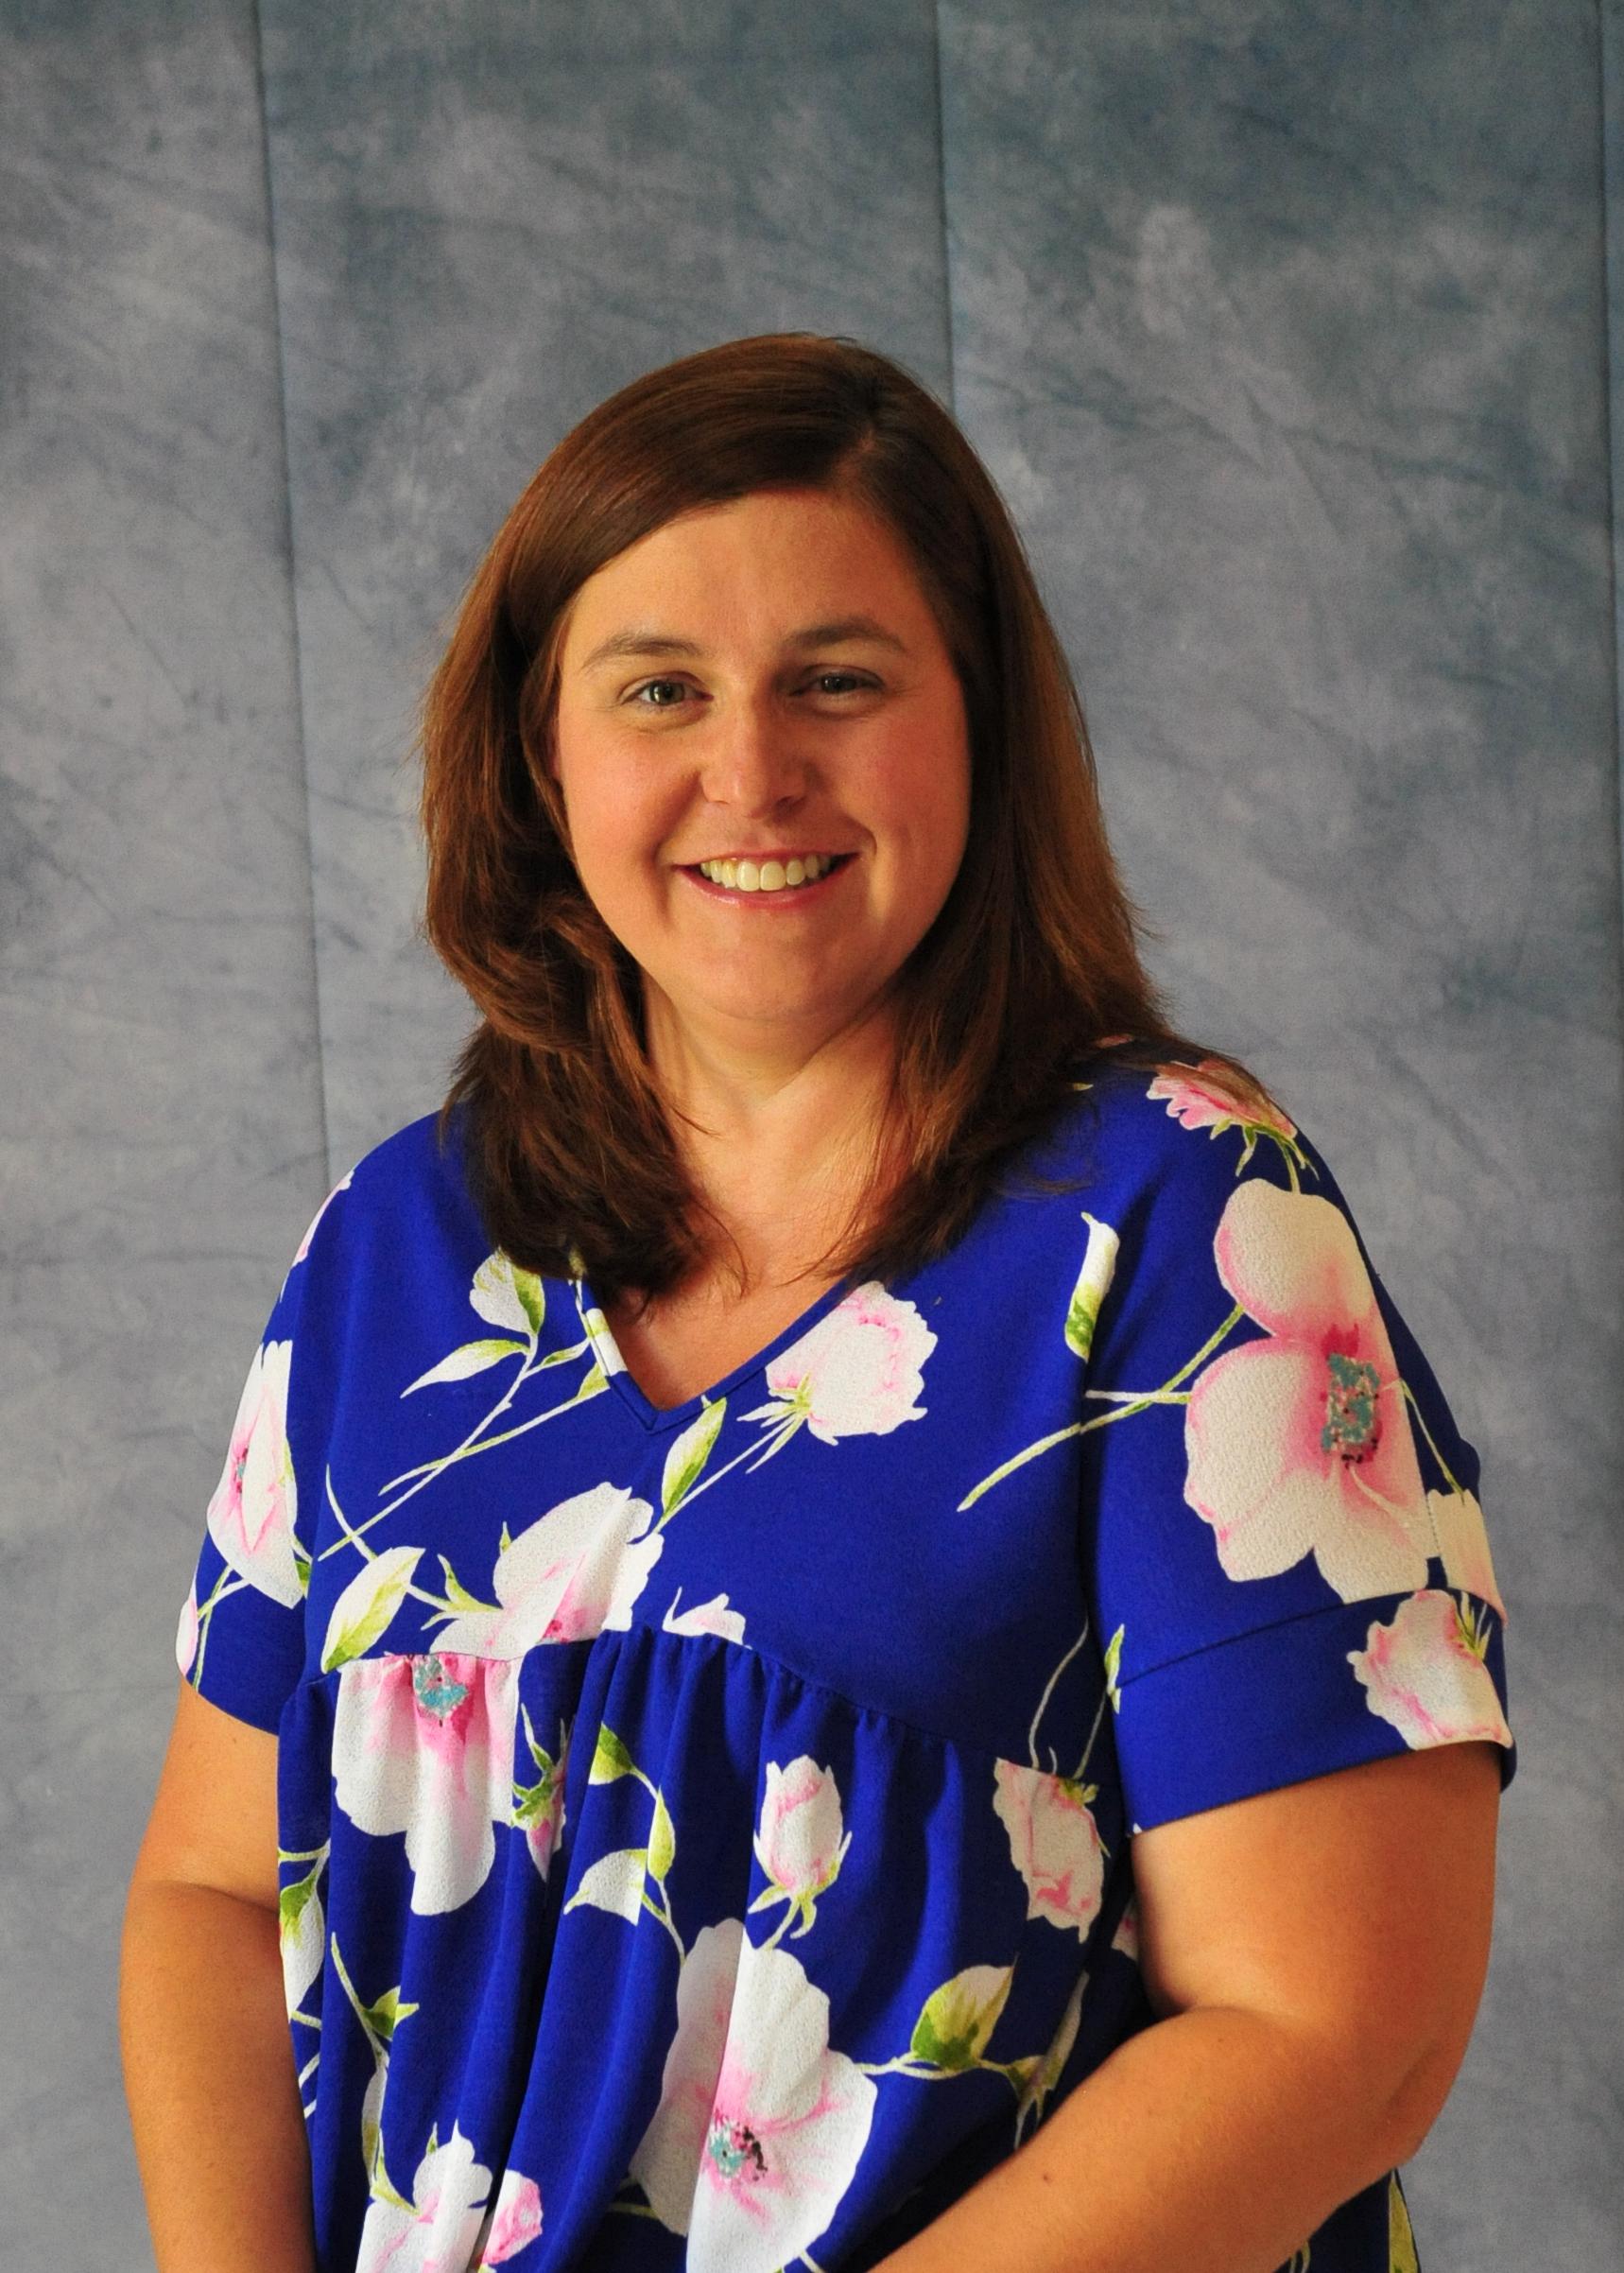 Amanda Hardiman, Data Manager